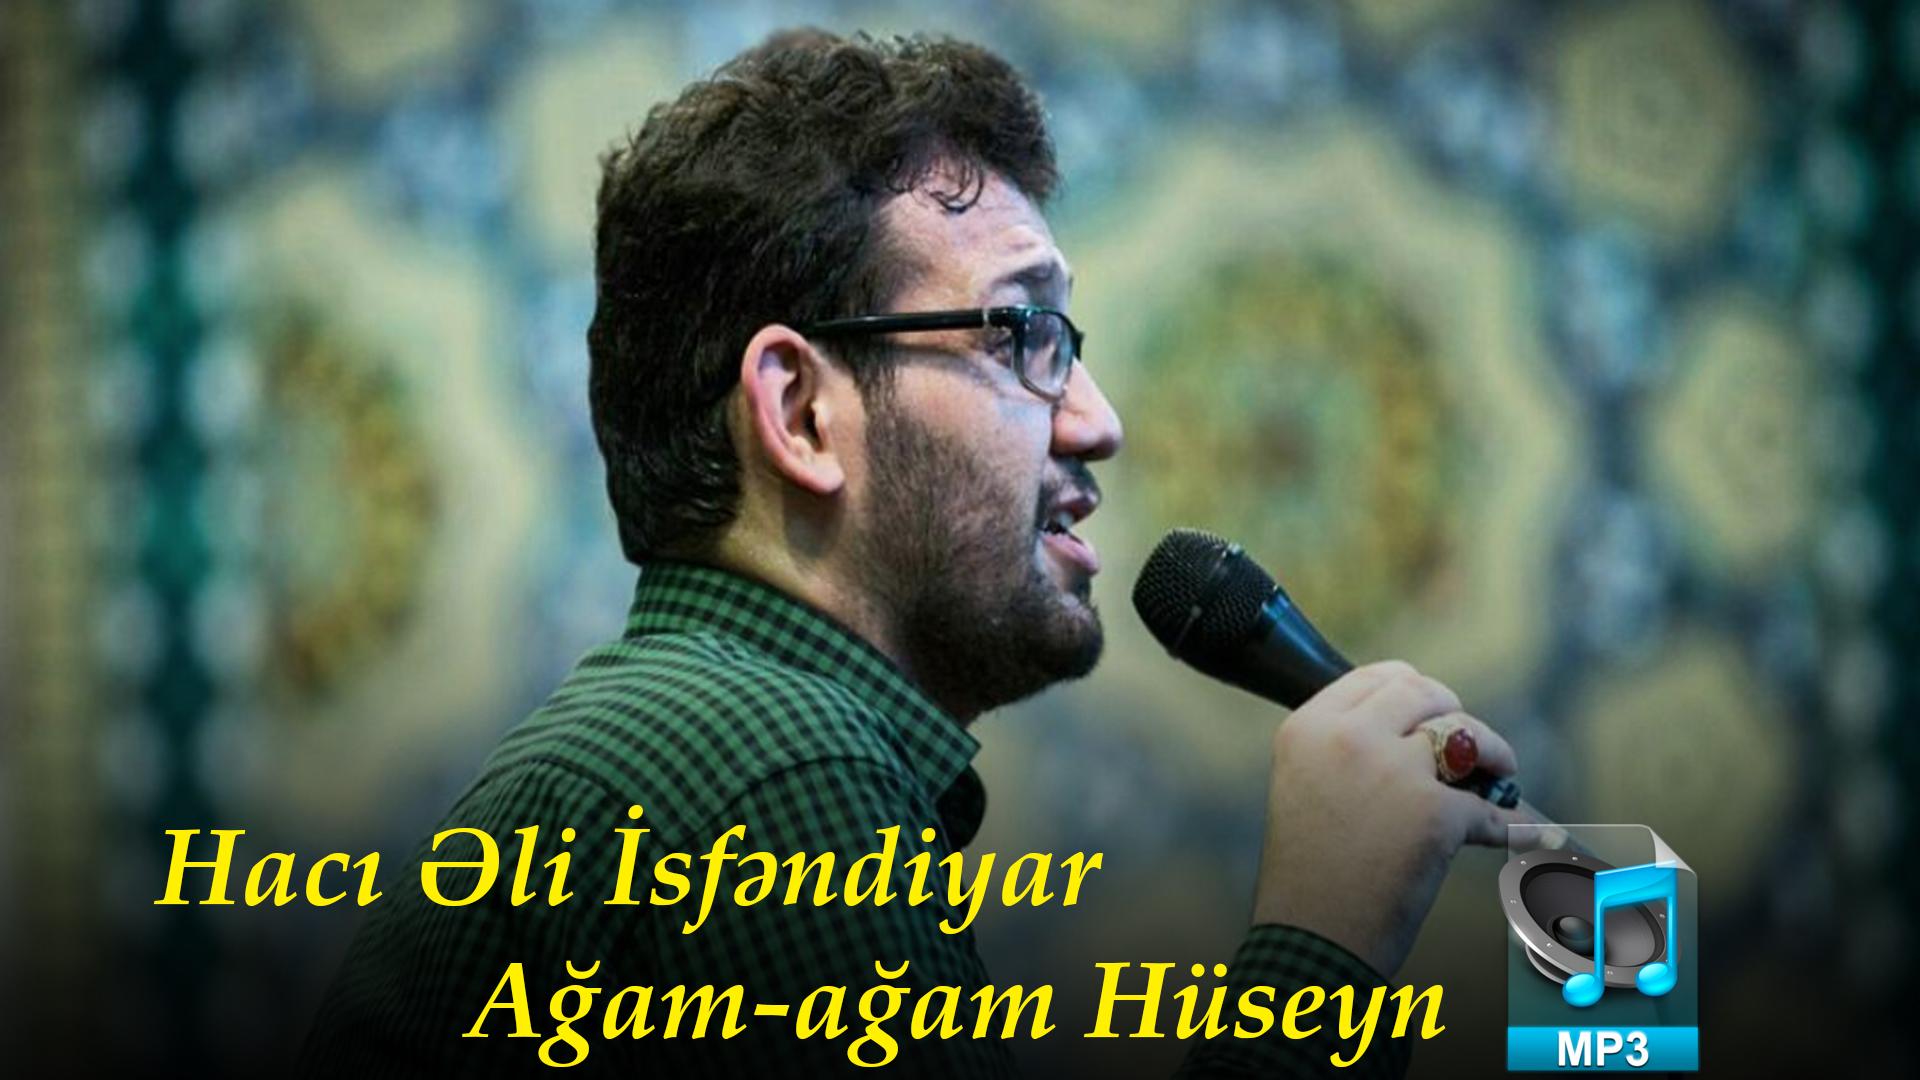 Yeni mərsiyə | Hacı Əli İsfəndiyar  | Ağam-ağam Hüseyn |2018